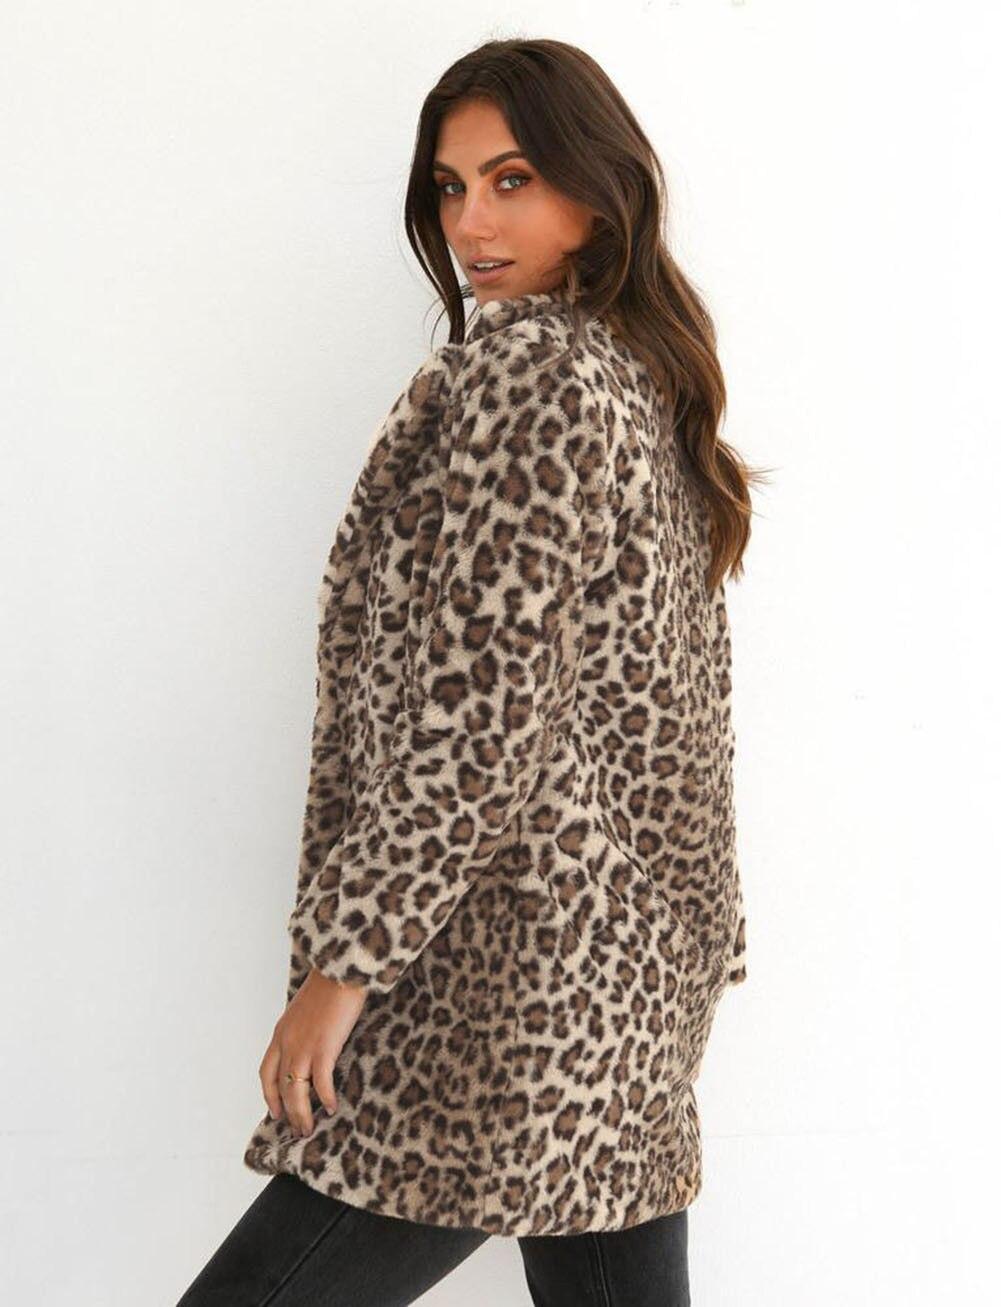 Hirigin 2018 Newest Hot Womens Winter Leopard Fluffy Fleece Jacket Coat Cardigans Hooded Jumper Tops Clubwear Hirigin 2018 Newest Hot Womens Winter Leopard Fluffy Fleece Jacket Coat Cardigans Hooded Jumper Tops Clubwear